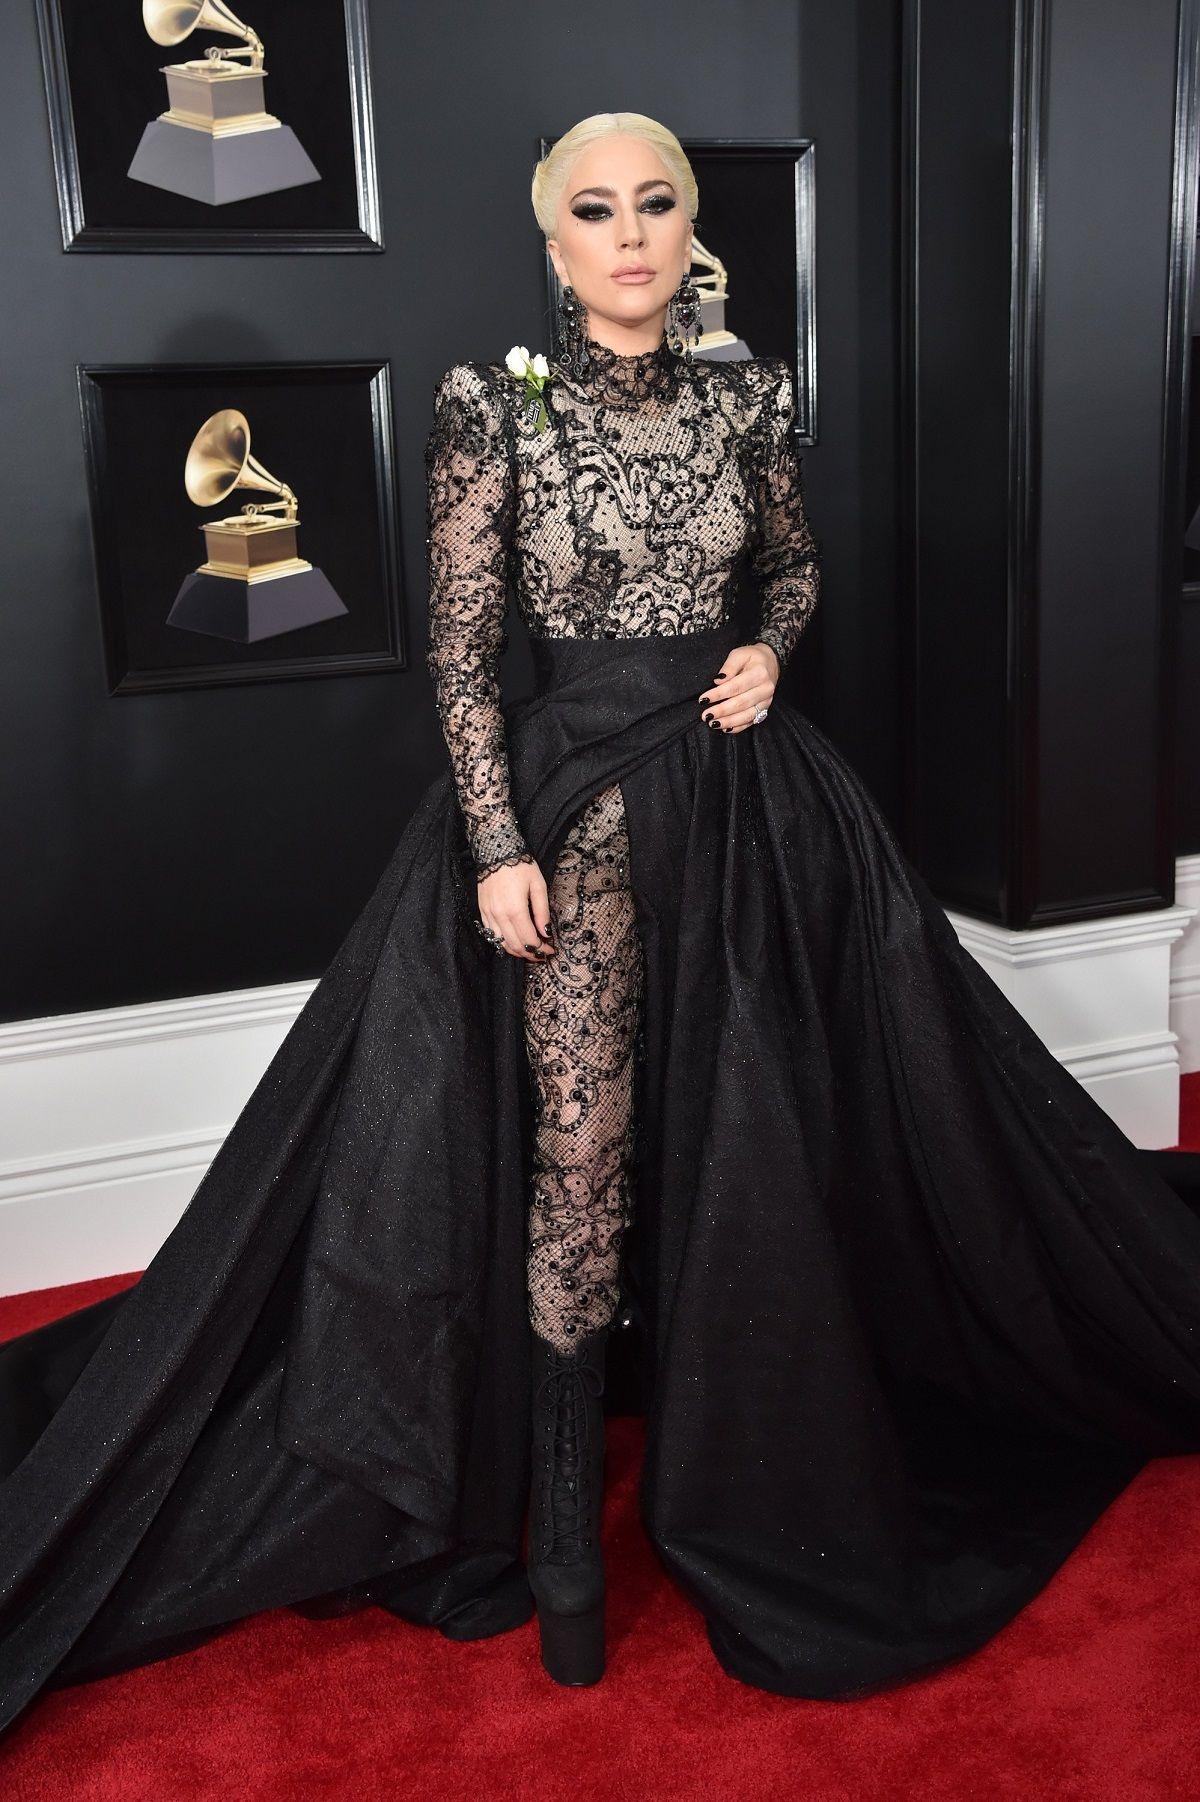 Lady Gaga encendió Instagram con fotos completamente desnuda